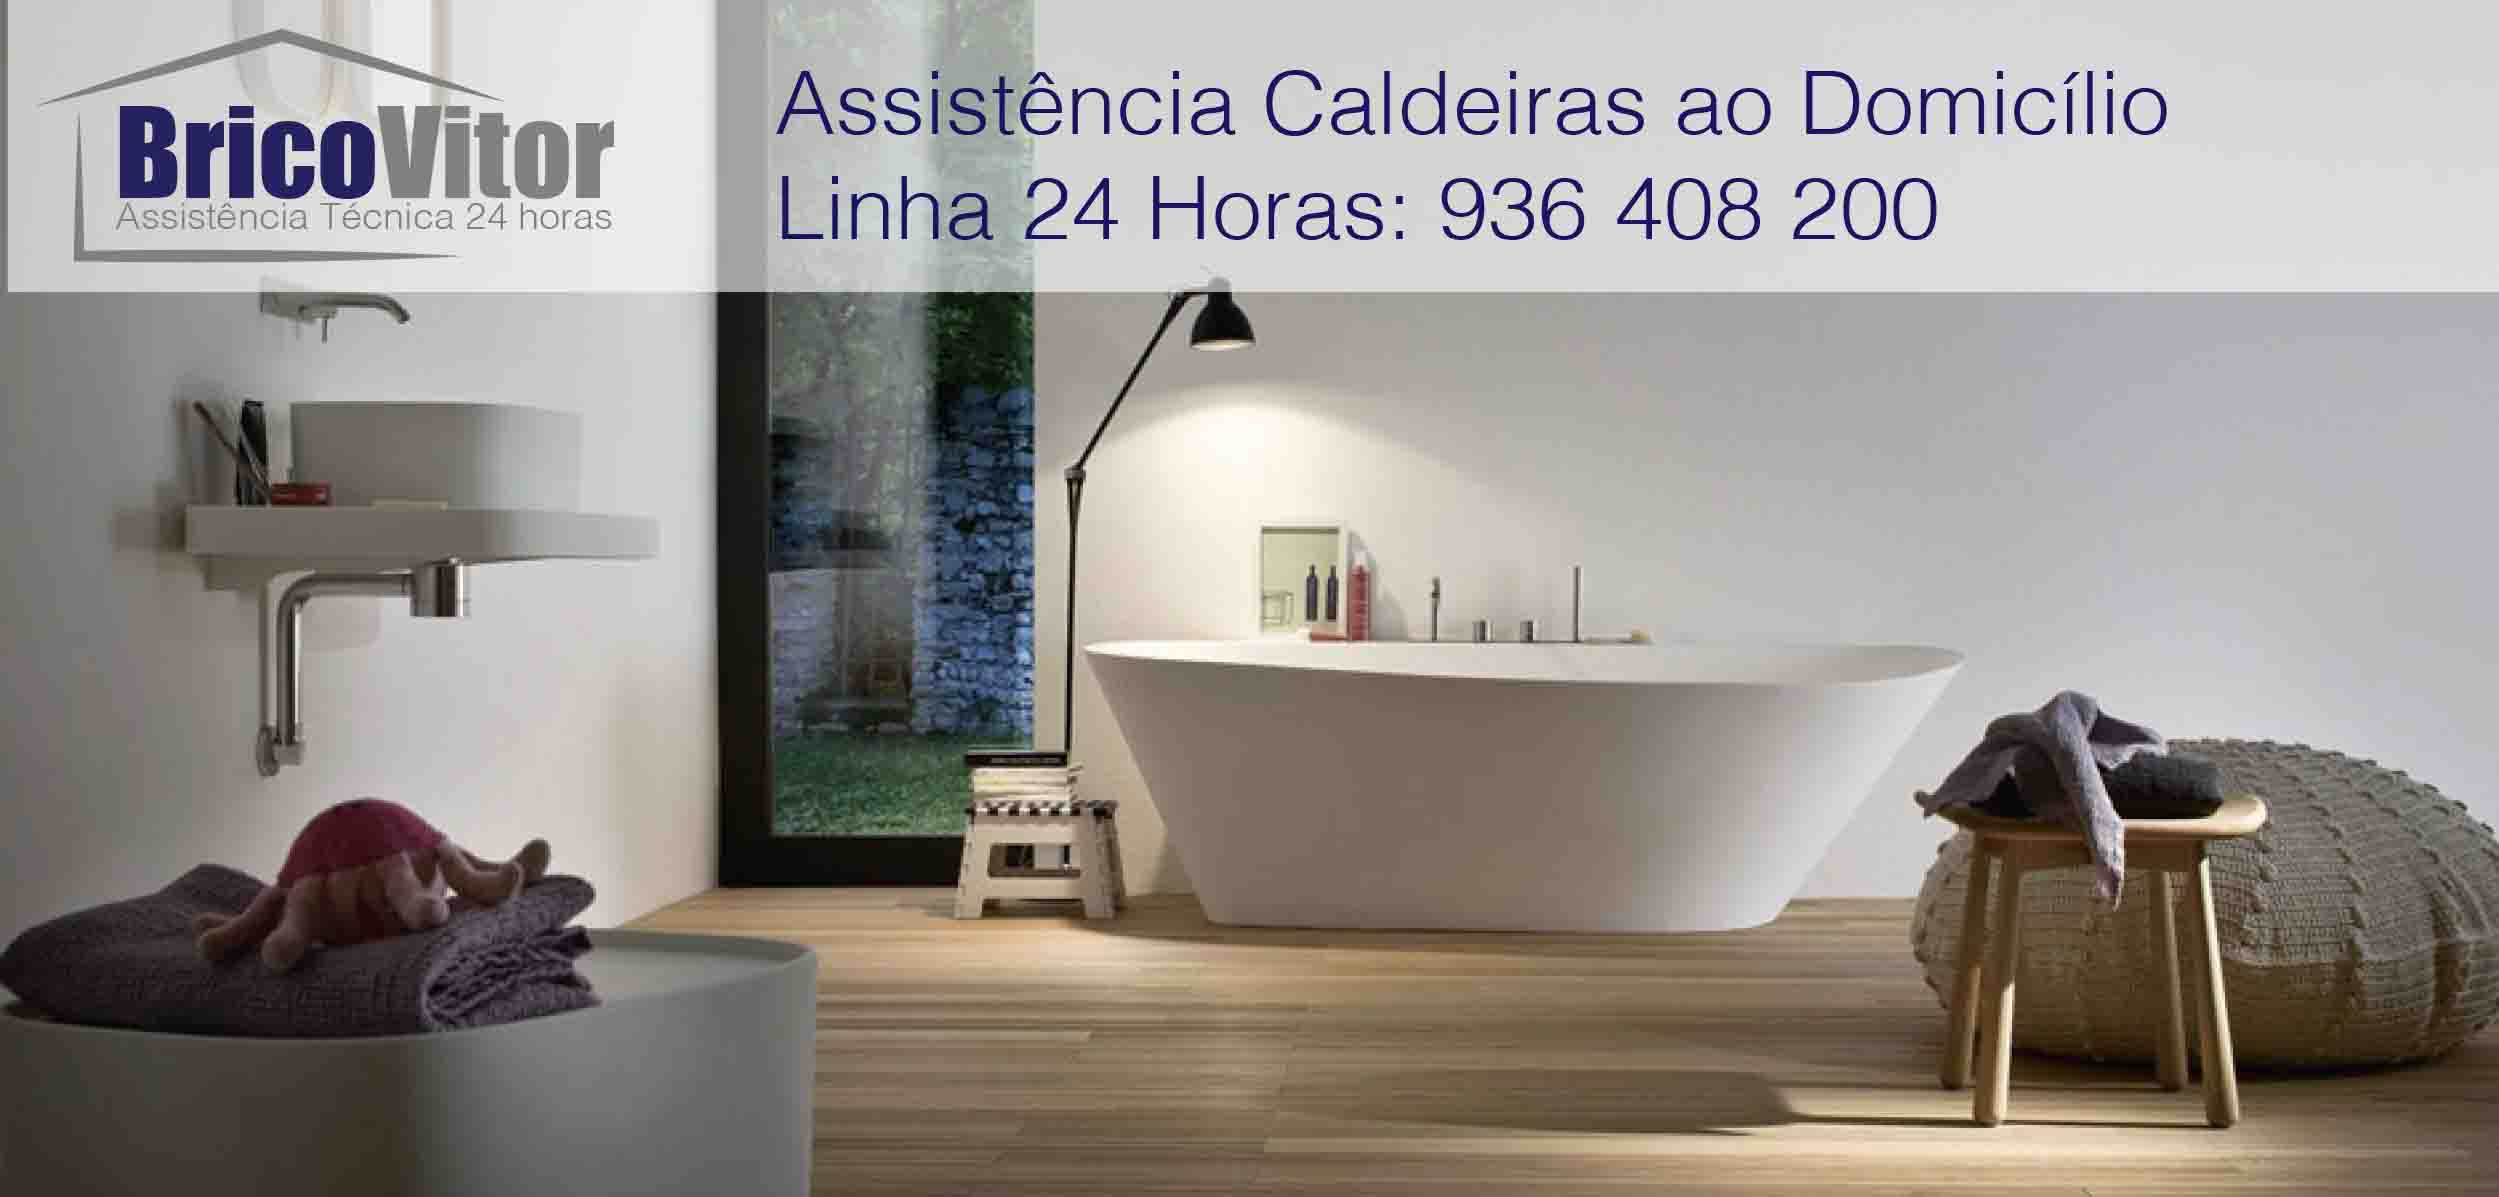 Assistência Esquentador Adaúfe - Braga - Empresa de Assistência Reparação e Manutenção de Esquentador